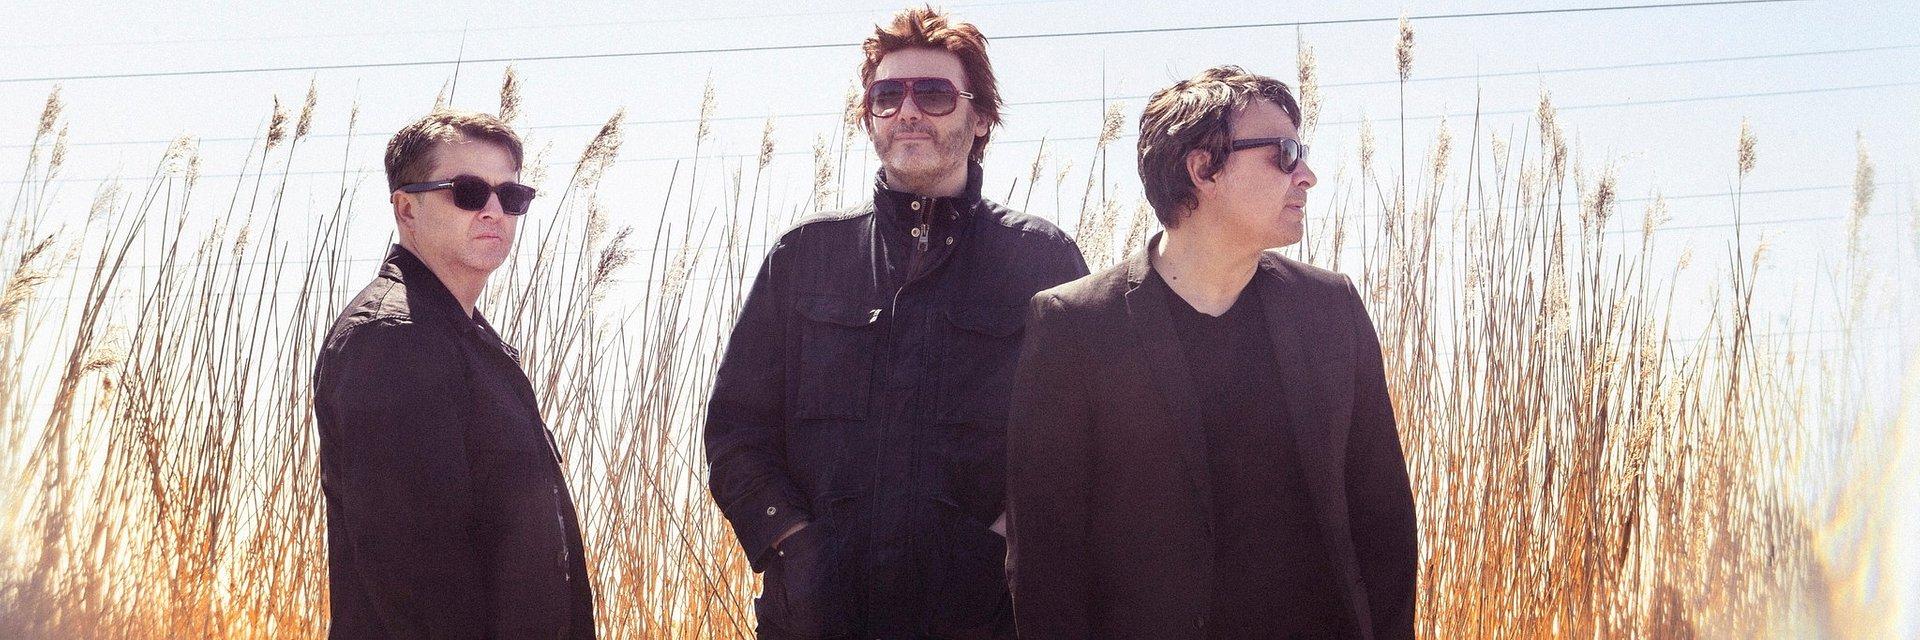 Orwellian zapowiada nową płytę Manic Street Preachers